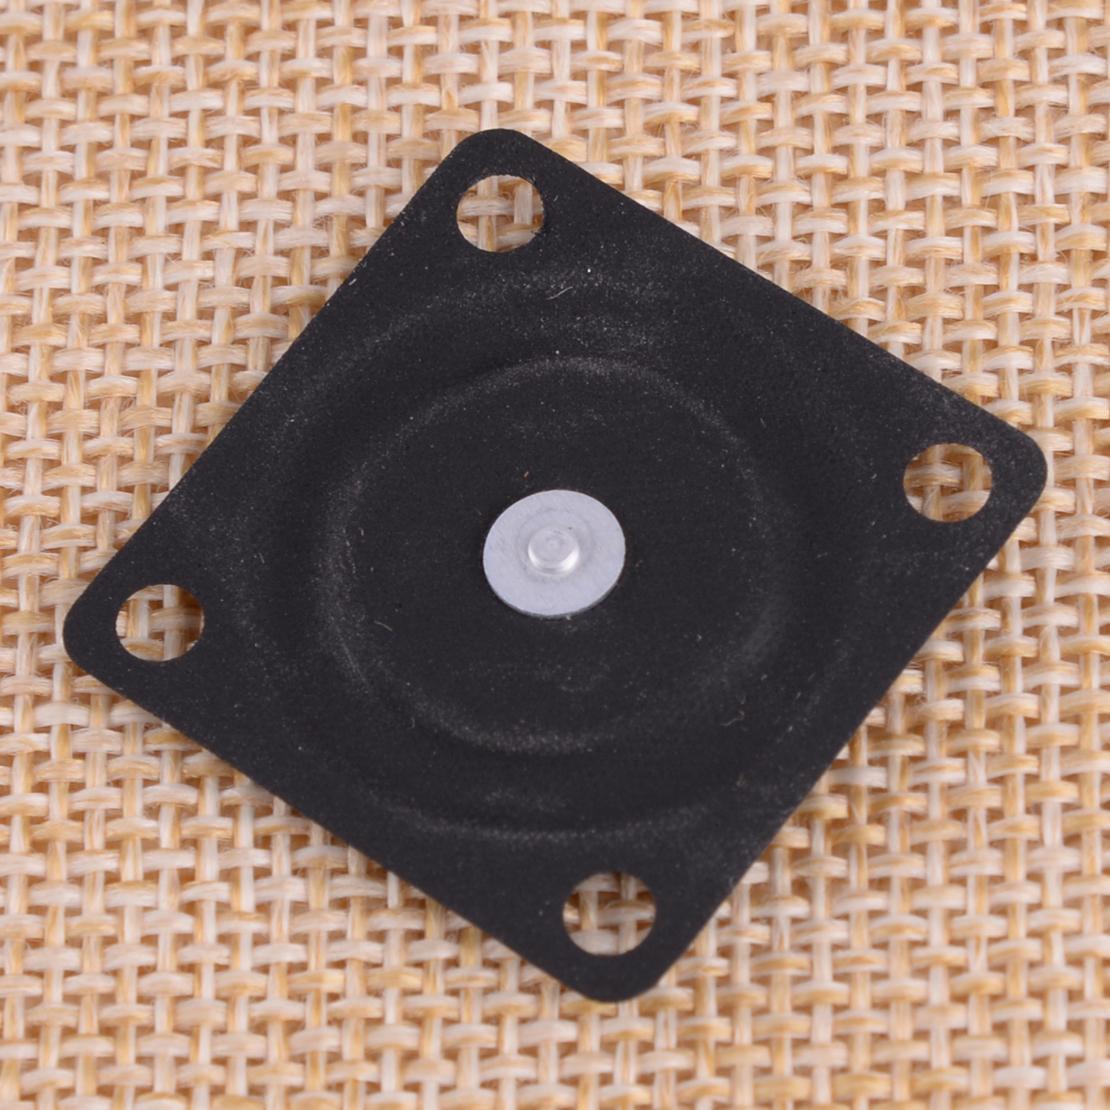 Carburetor Rebuild Kit Fit for Shindaiwa A98064-11 99909-105 T20 Engine Trimmer